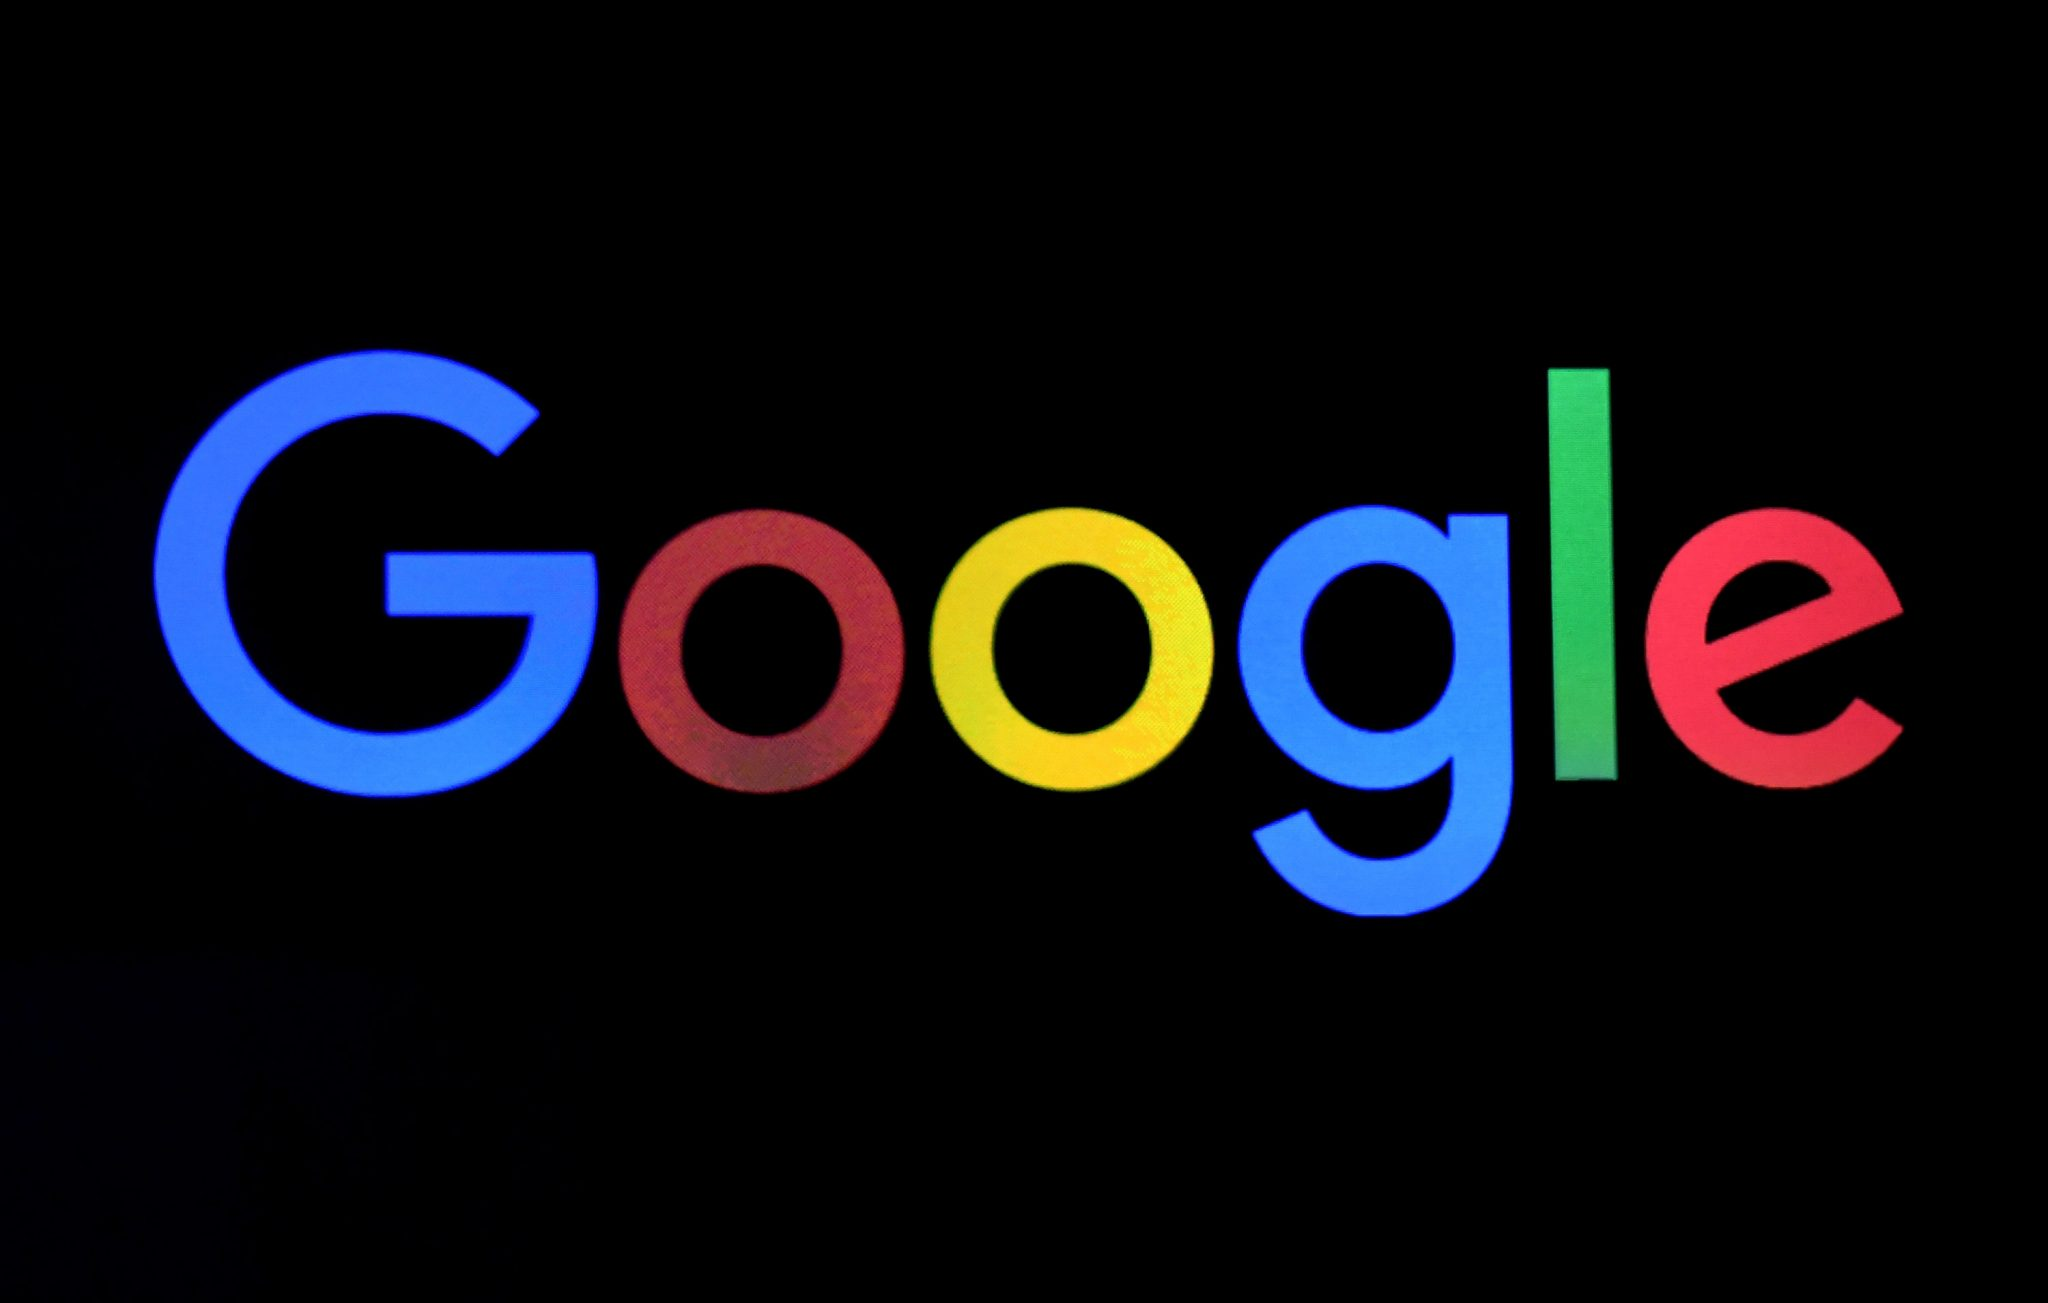 ما أهمية التقنية الجديدة من جوجل لأجهزة الاندرويد ؟